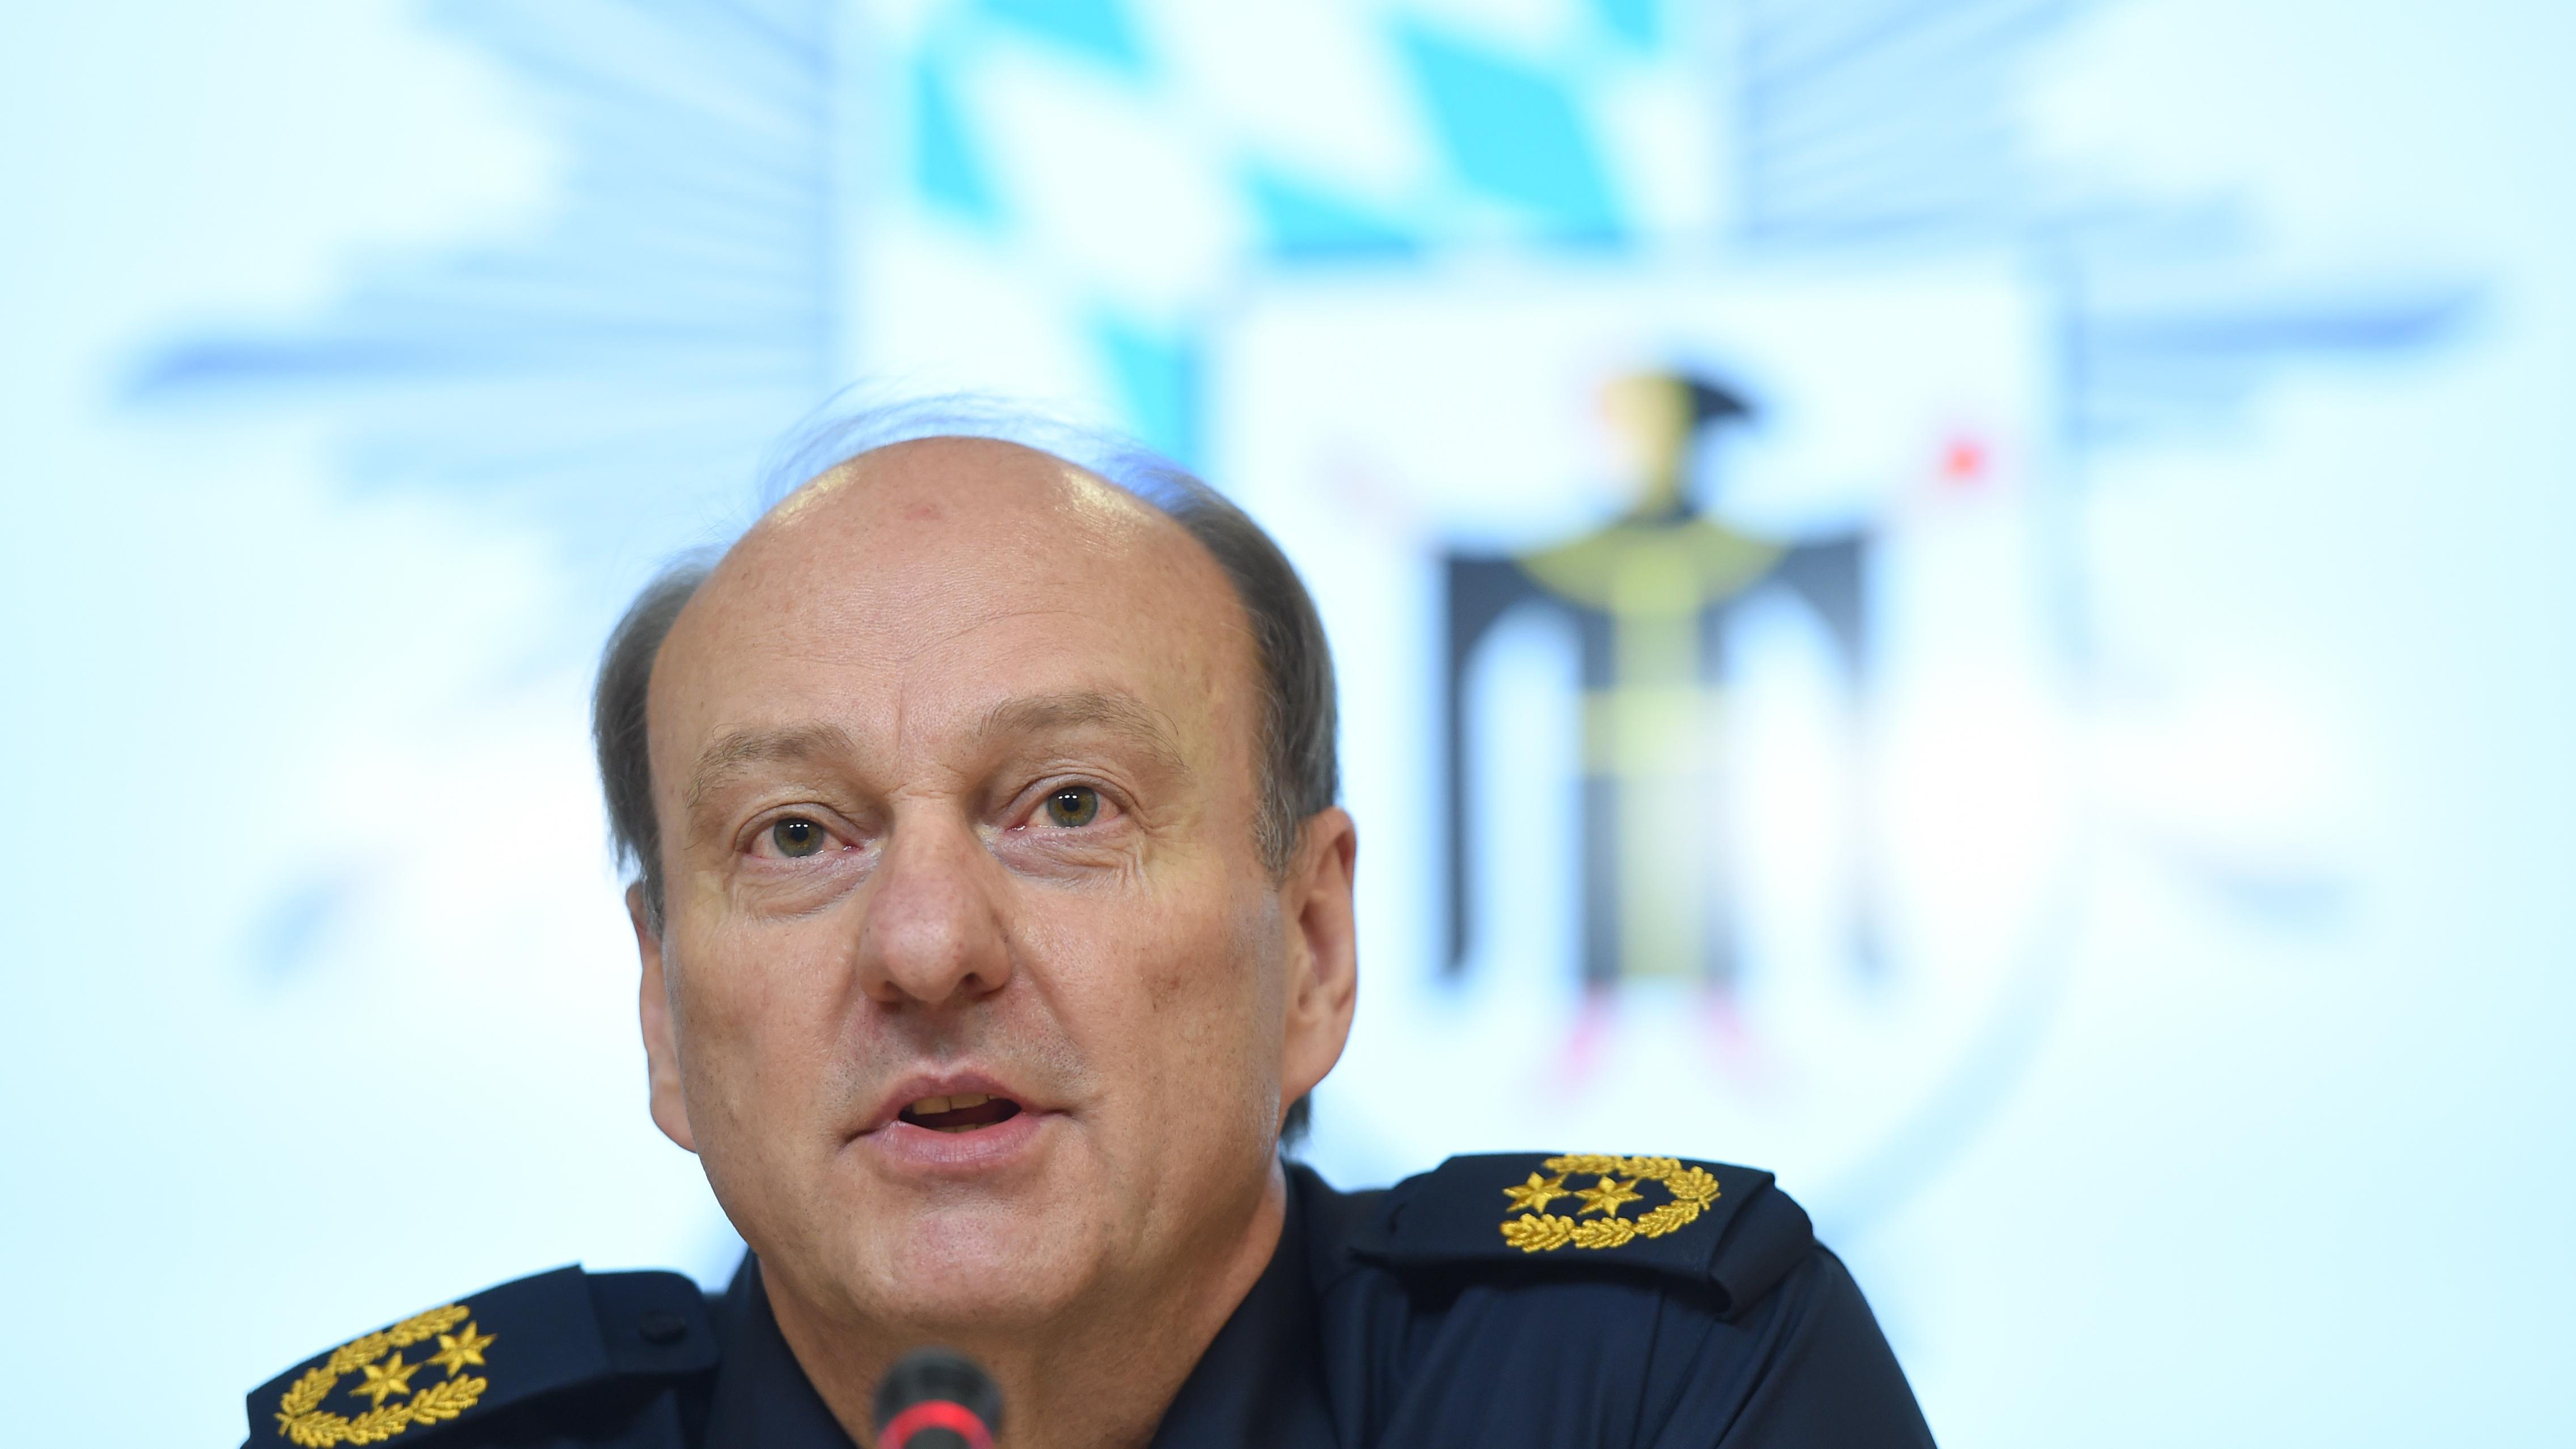 Münchens Polizeipräsident Hubertus Andrä, hier auf einem Bild von Oktober 2017 bei einer Pressekonferenz im Polizeipräsidium in München.